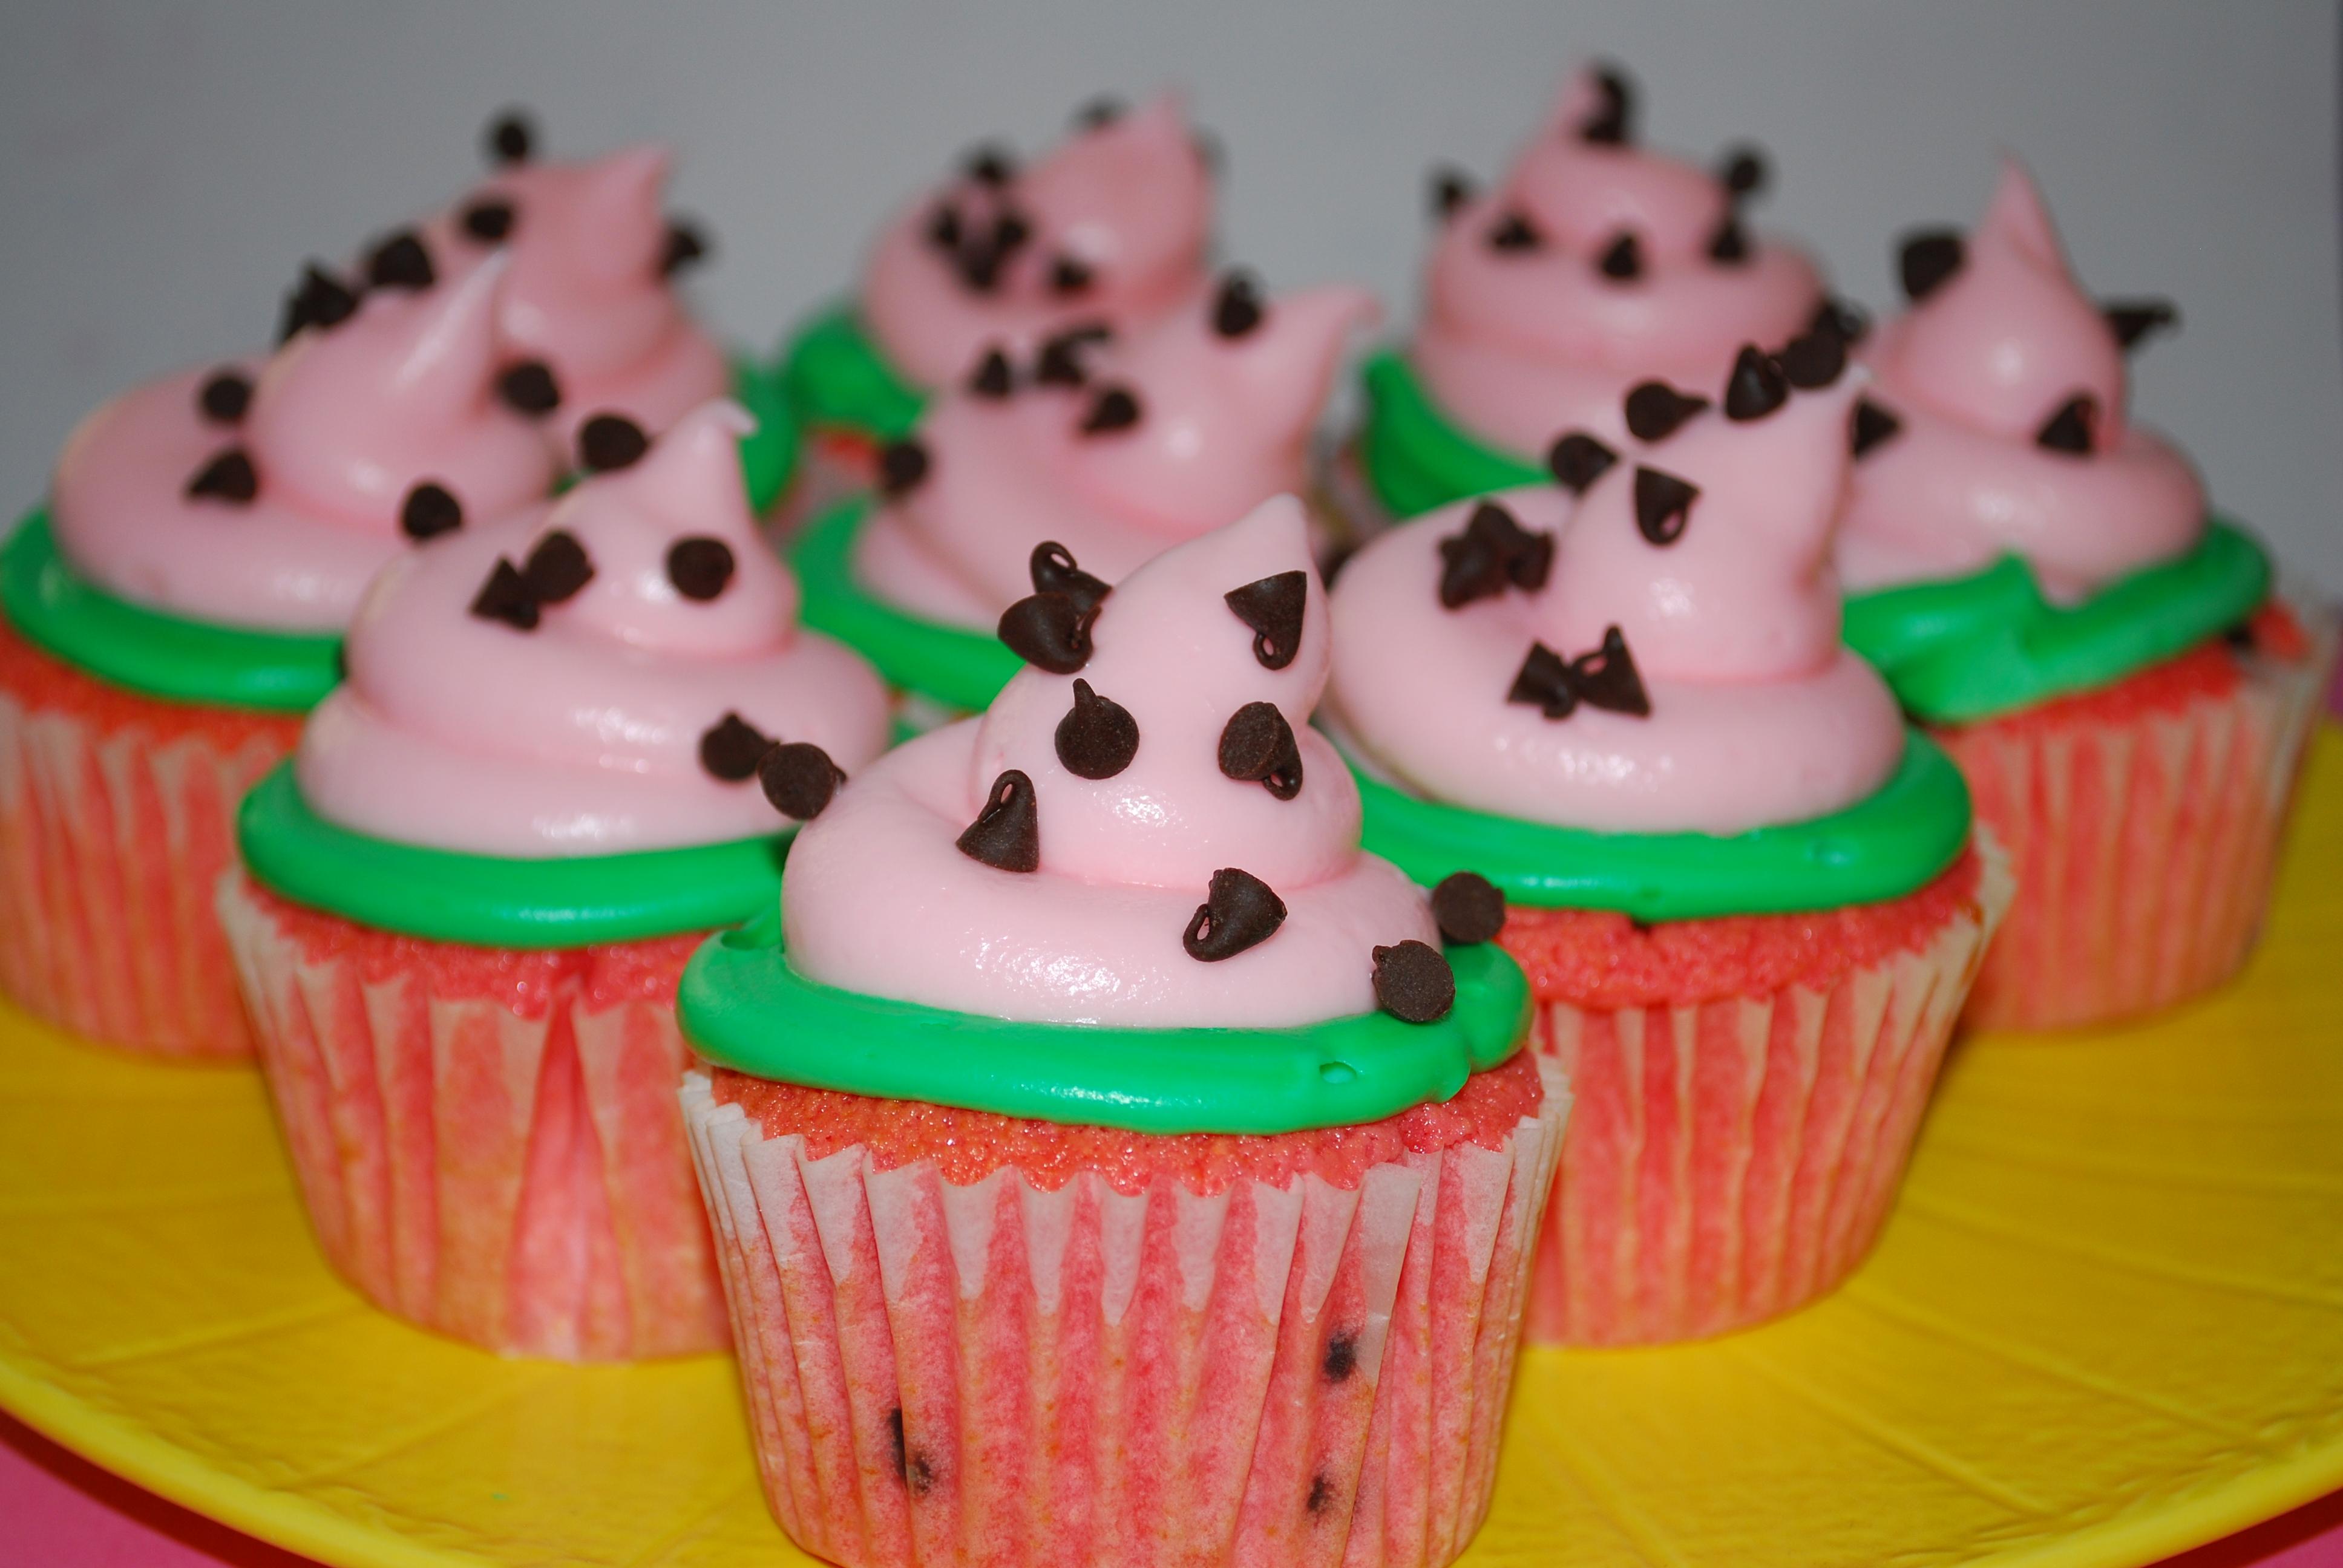 Watermelon Cupcakes | The Domestic Rebel